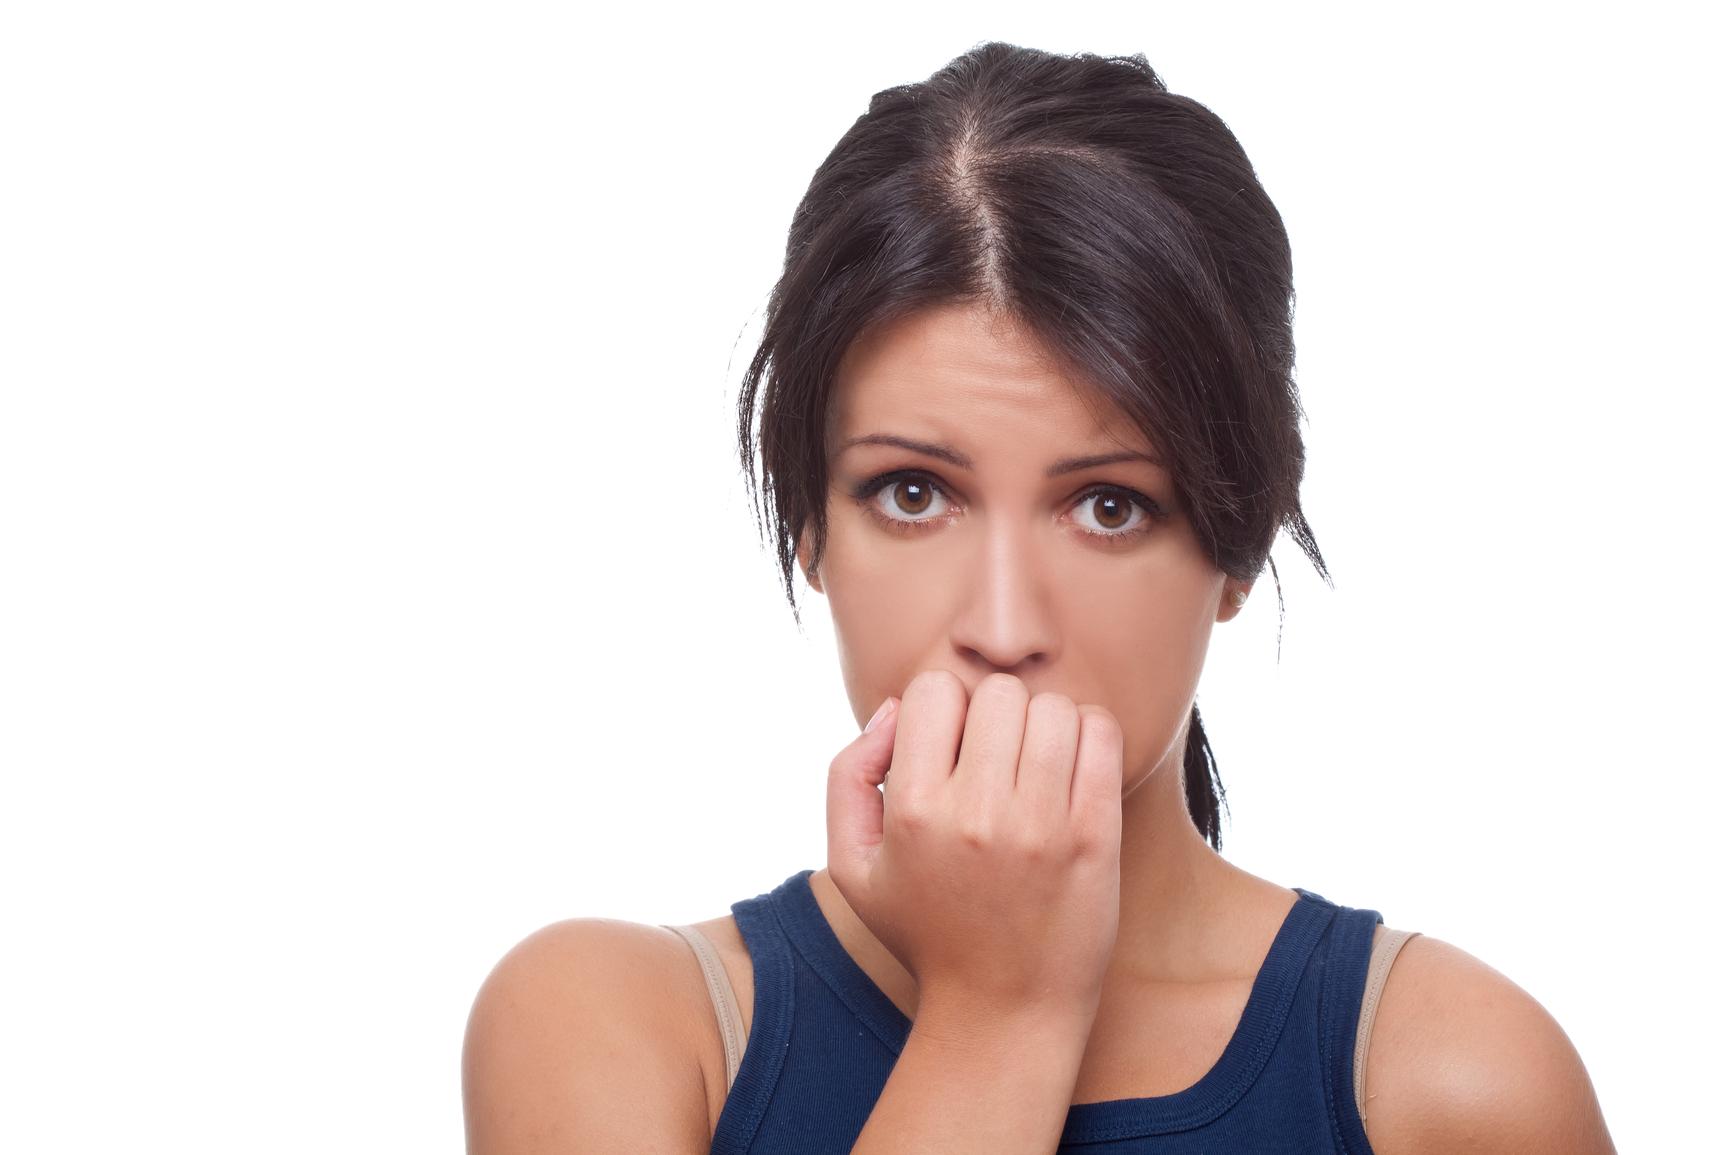 7 recomendaciones para una entrevista psicolaboral